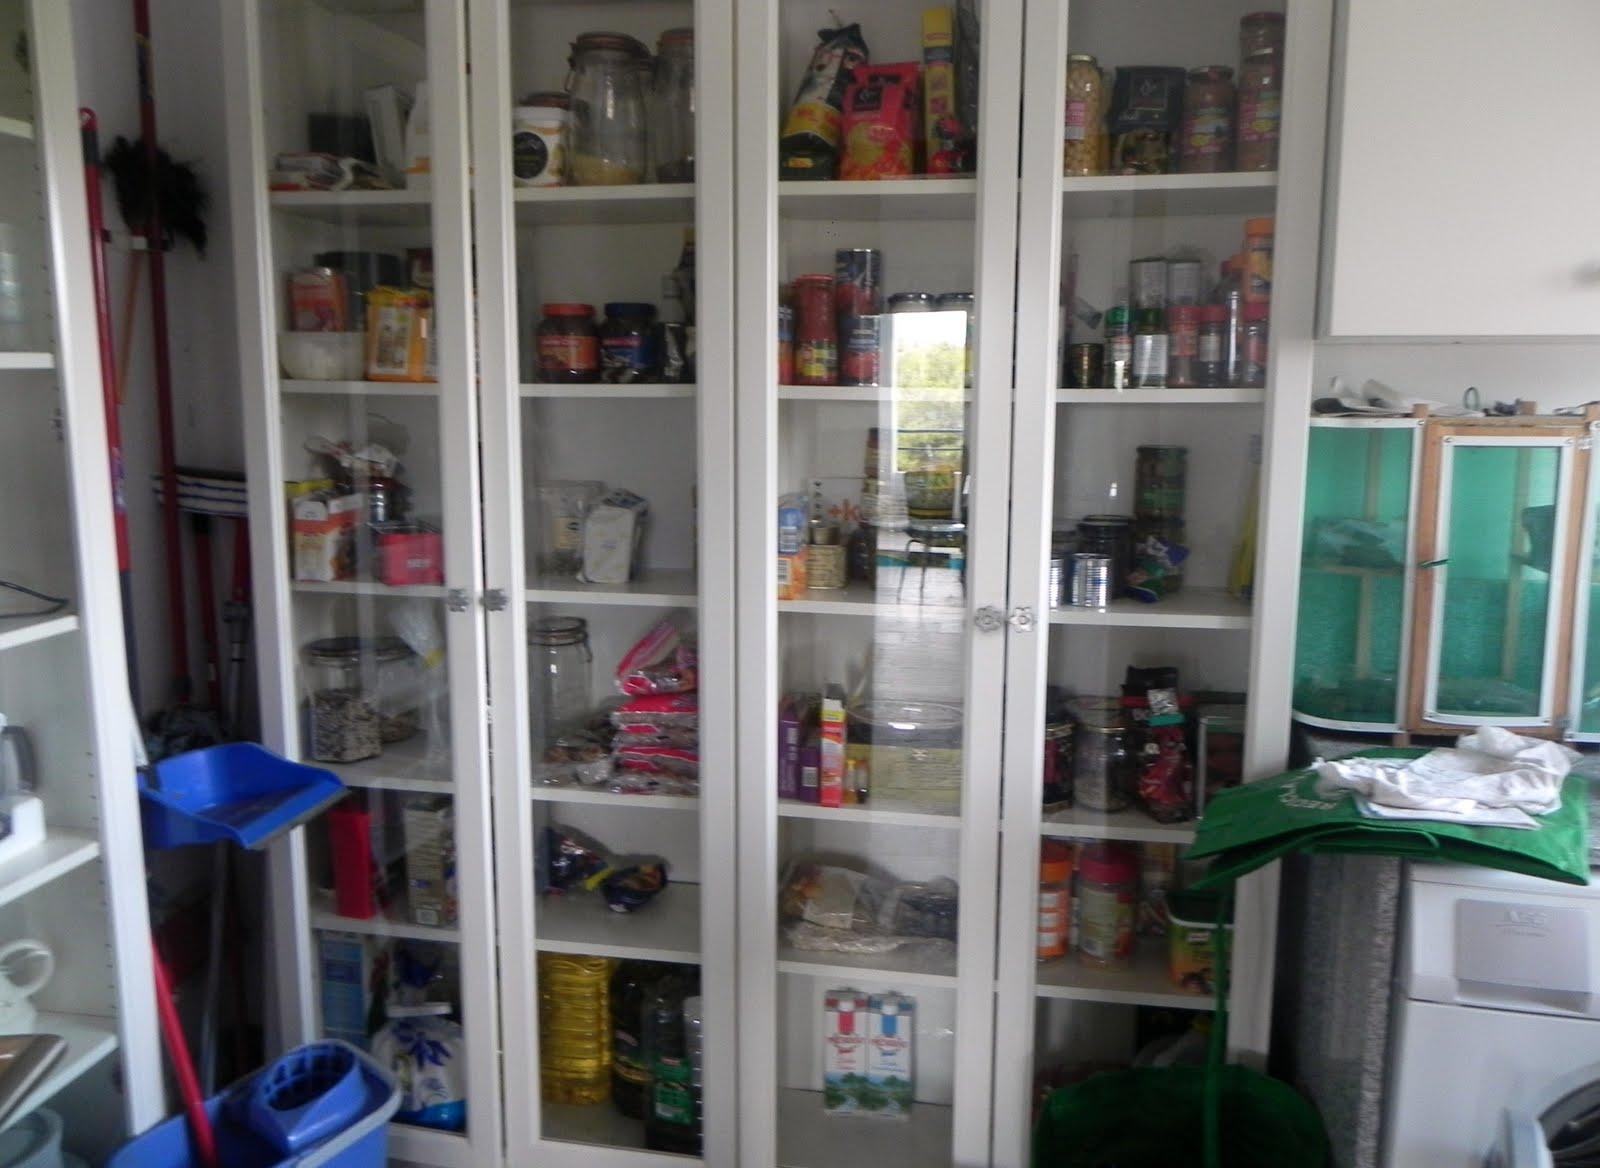 Contar hasta 30 armarios - Cocina armario ikea ...